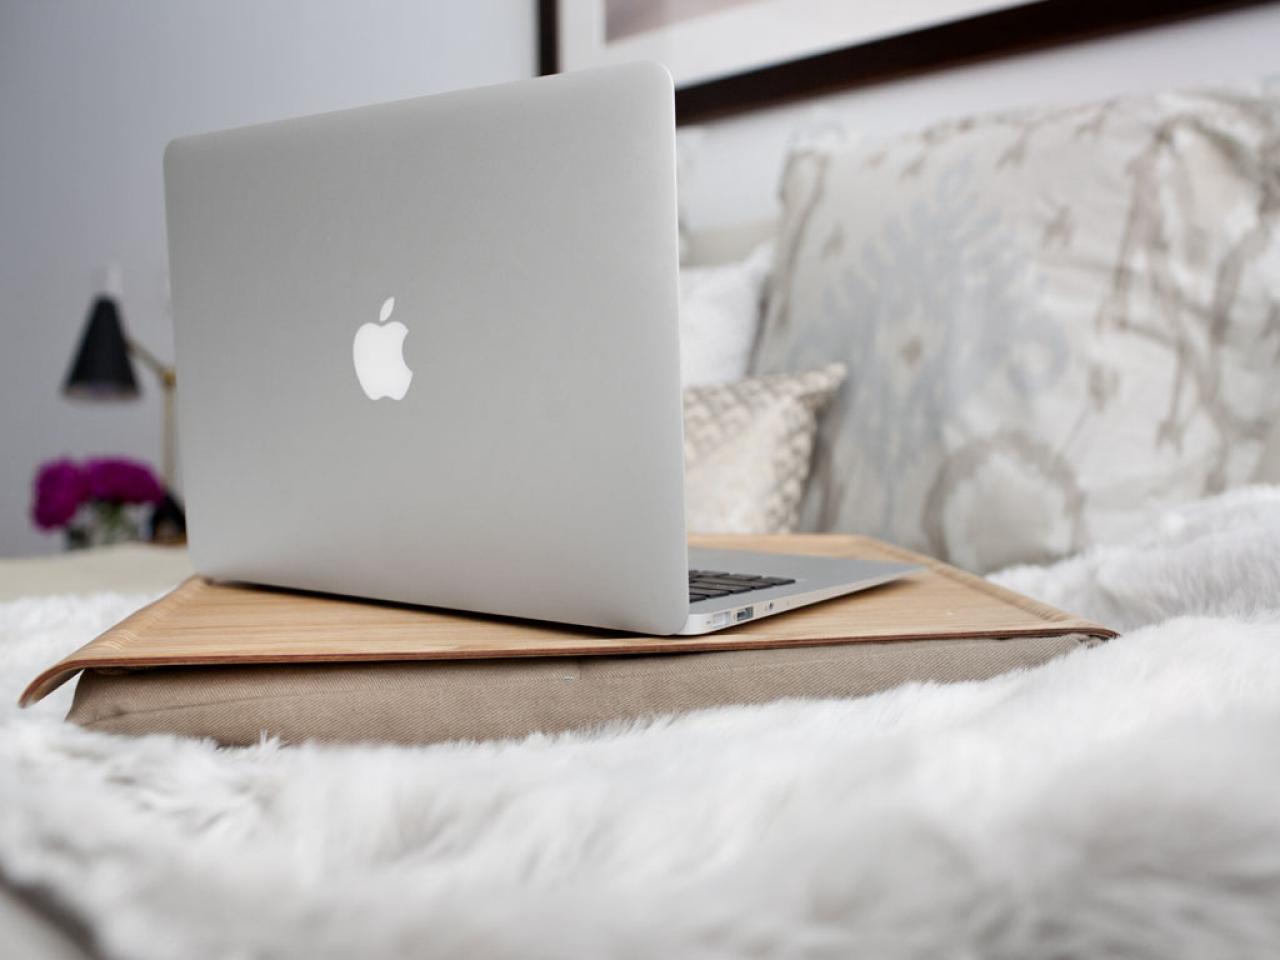 6-coisas-que-todo-mundo-aindo-gosta-em-blogs-de-moda-beta-pinheiro-blogueira